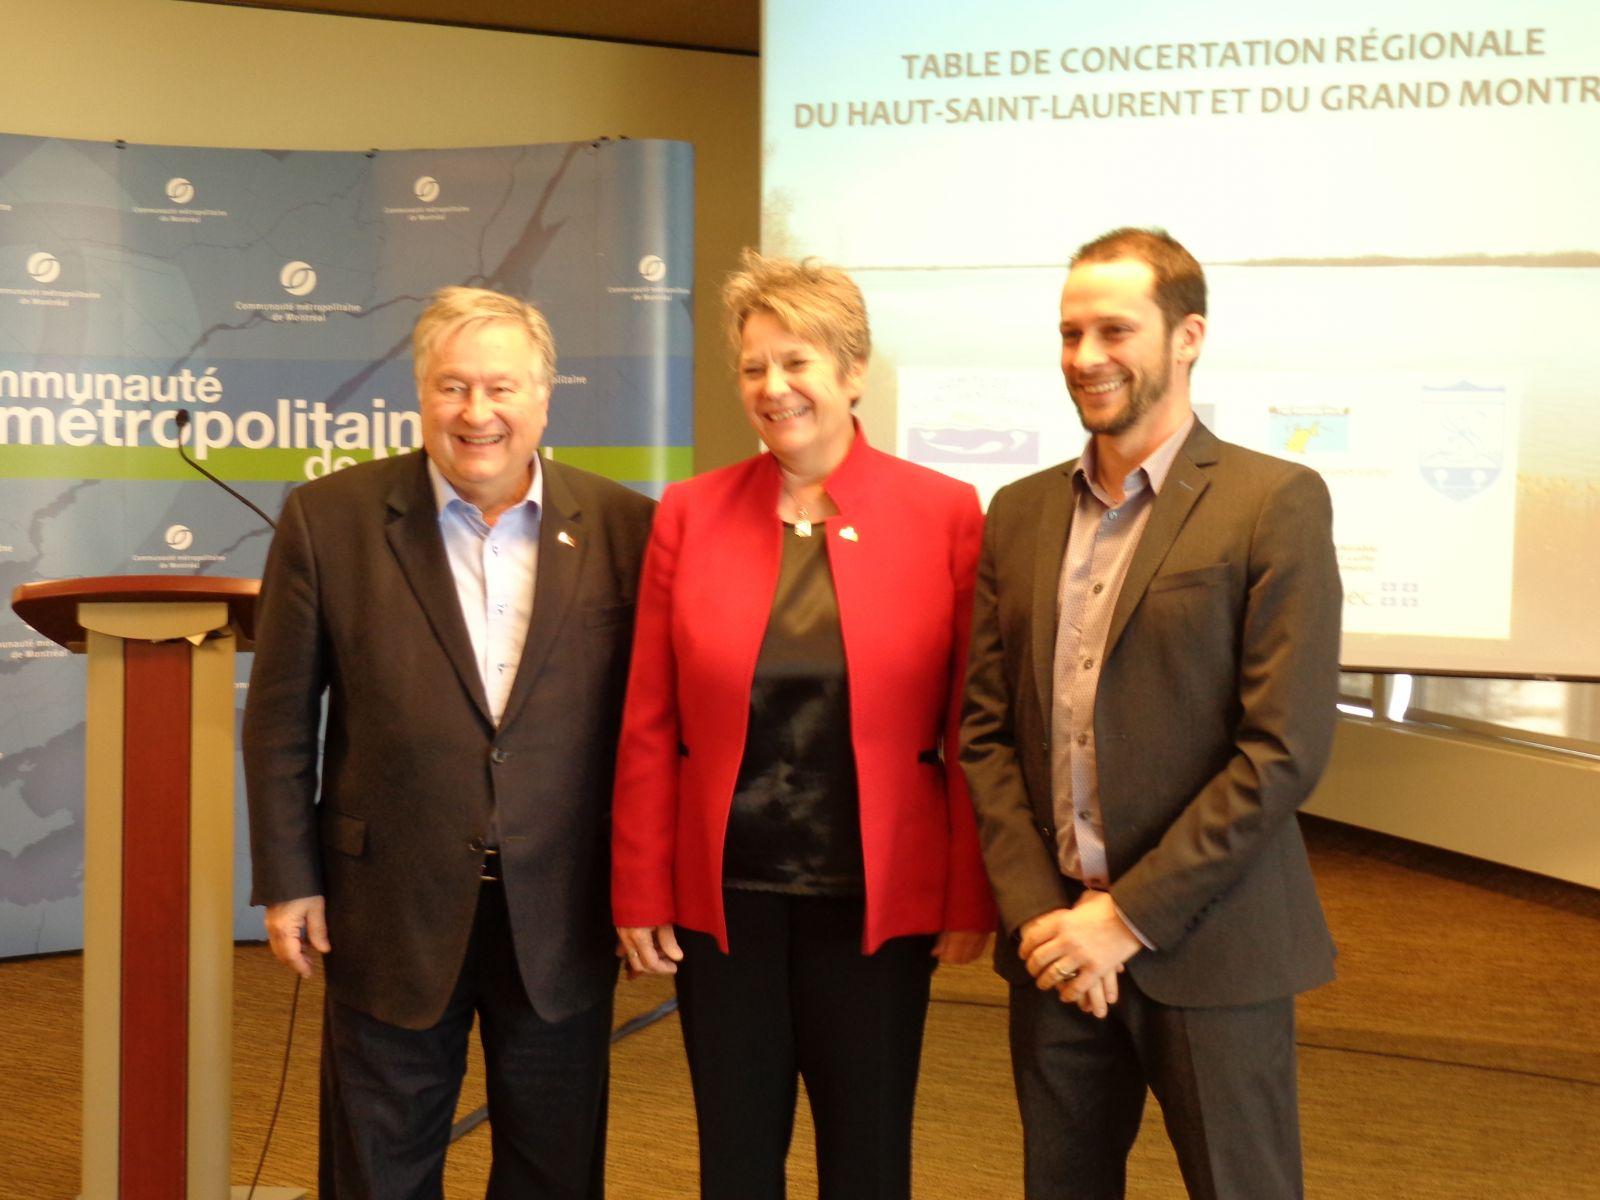 Les allocuteurs, de gauche à droite: M. Denis Lapointe, Mme Chantal Rouleau et M. Nicolas Milot